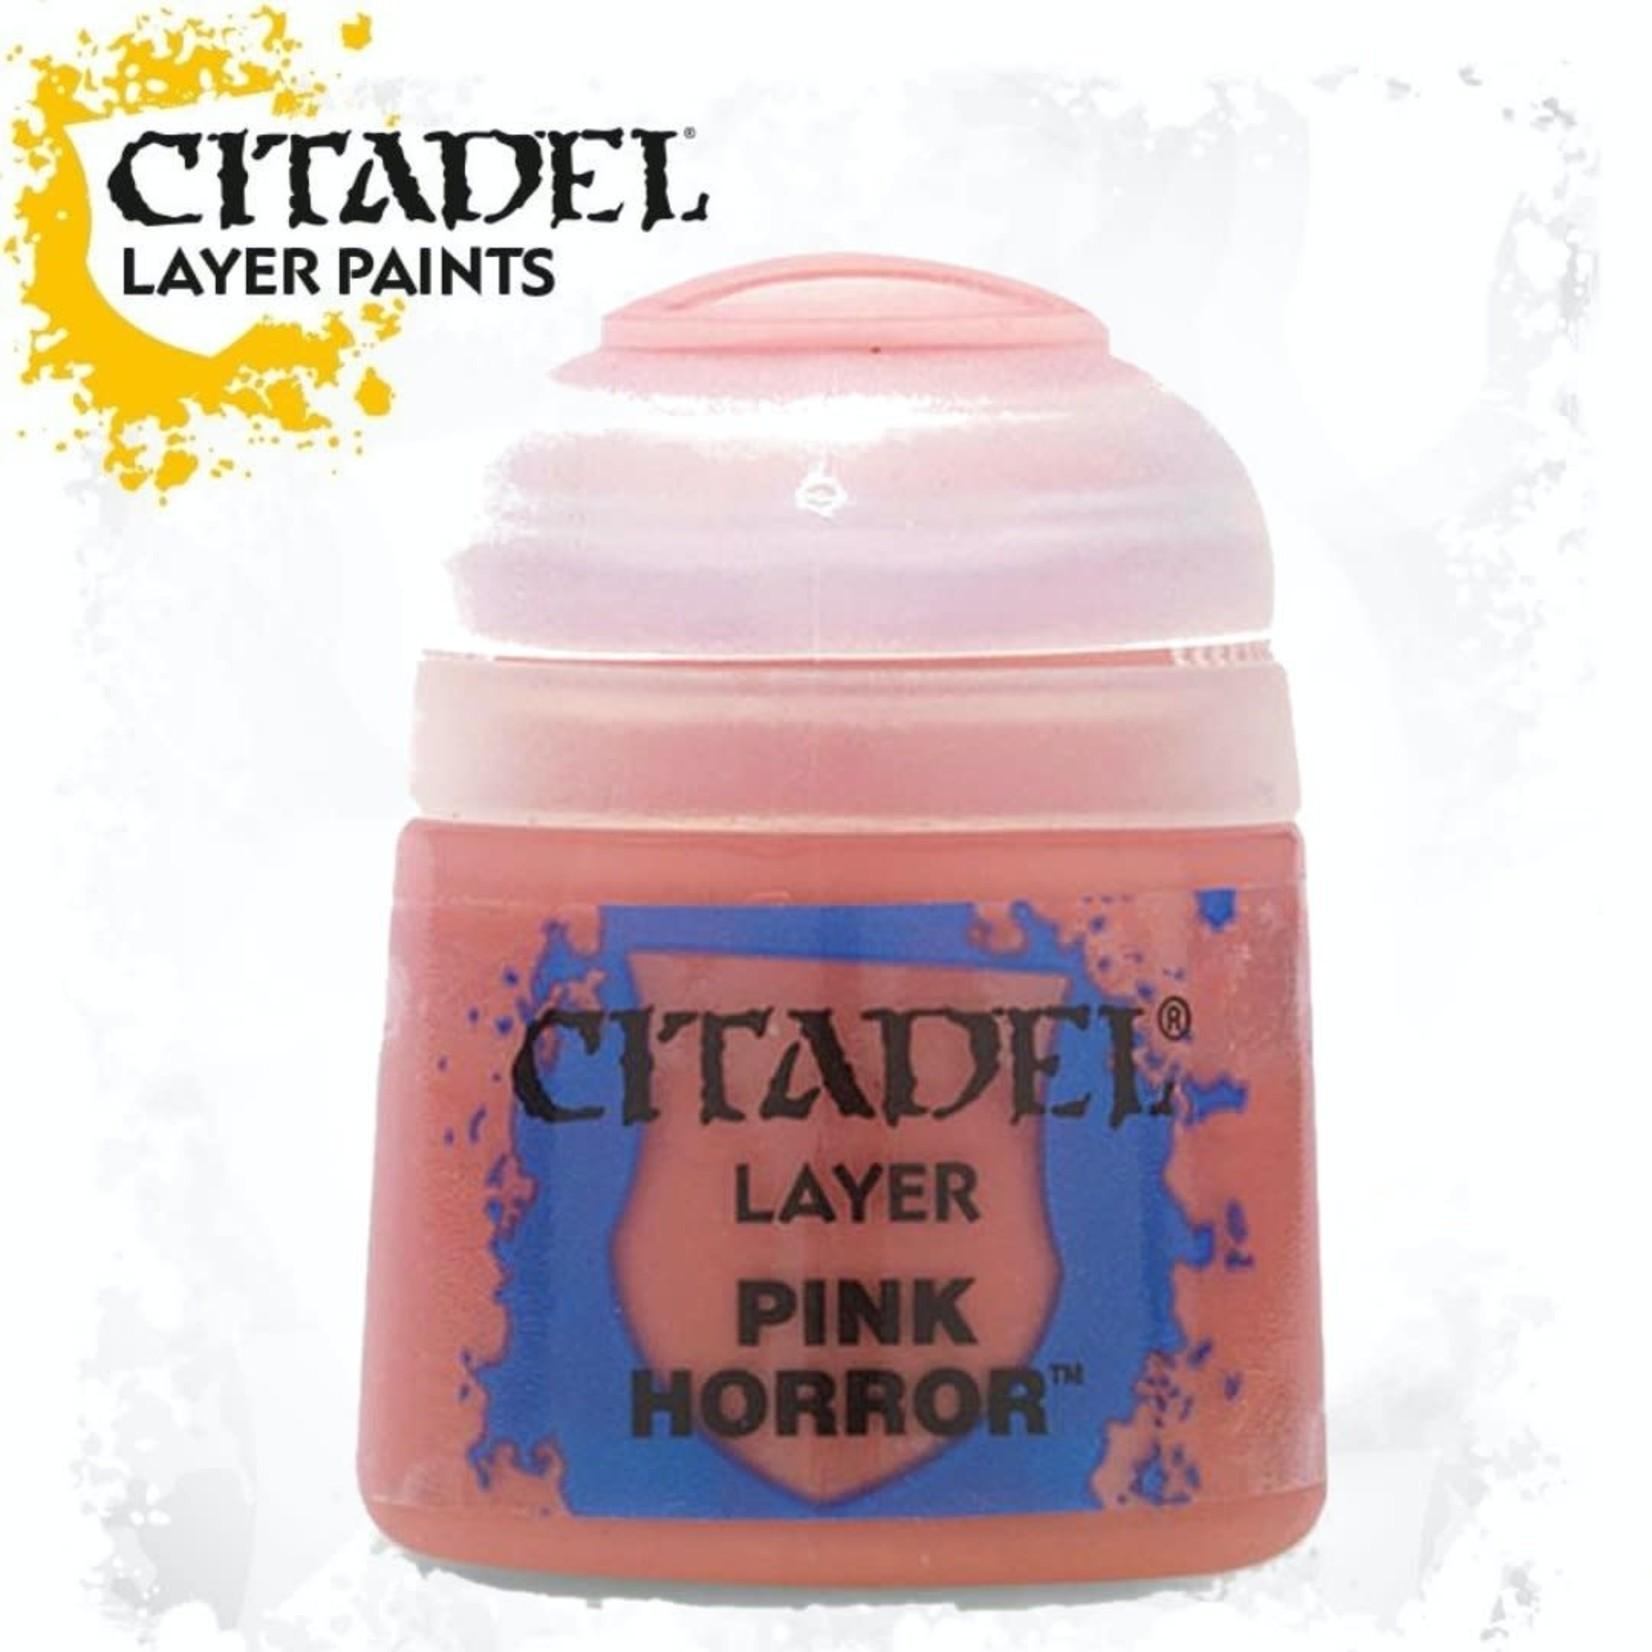 Citadel Citadel Paint - Layer: Pink Horror